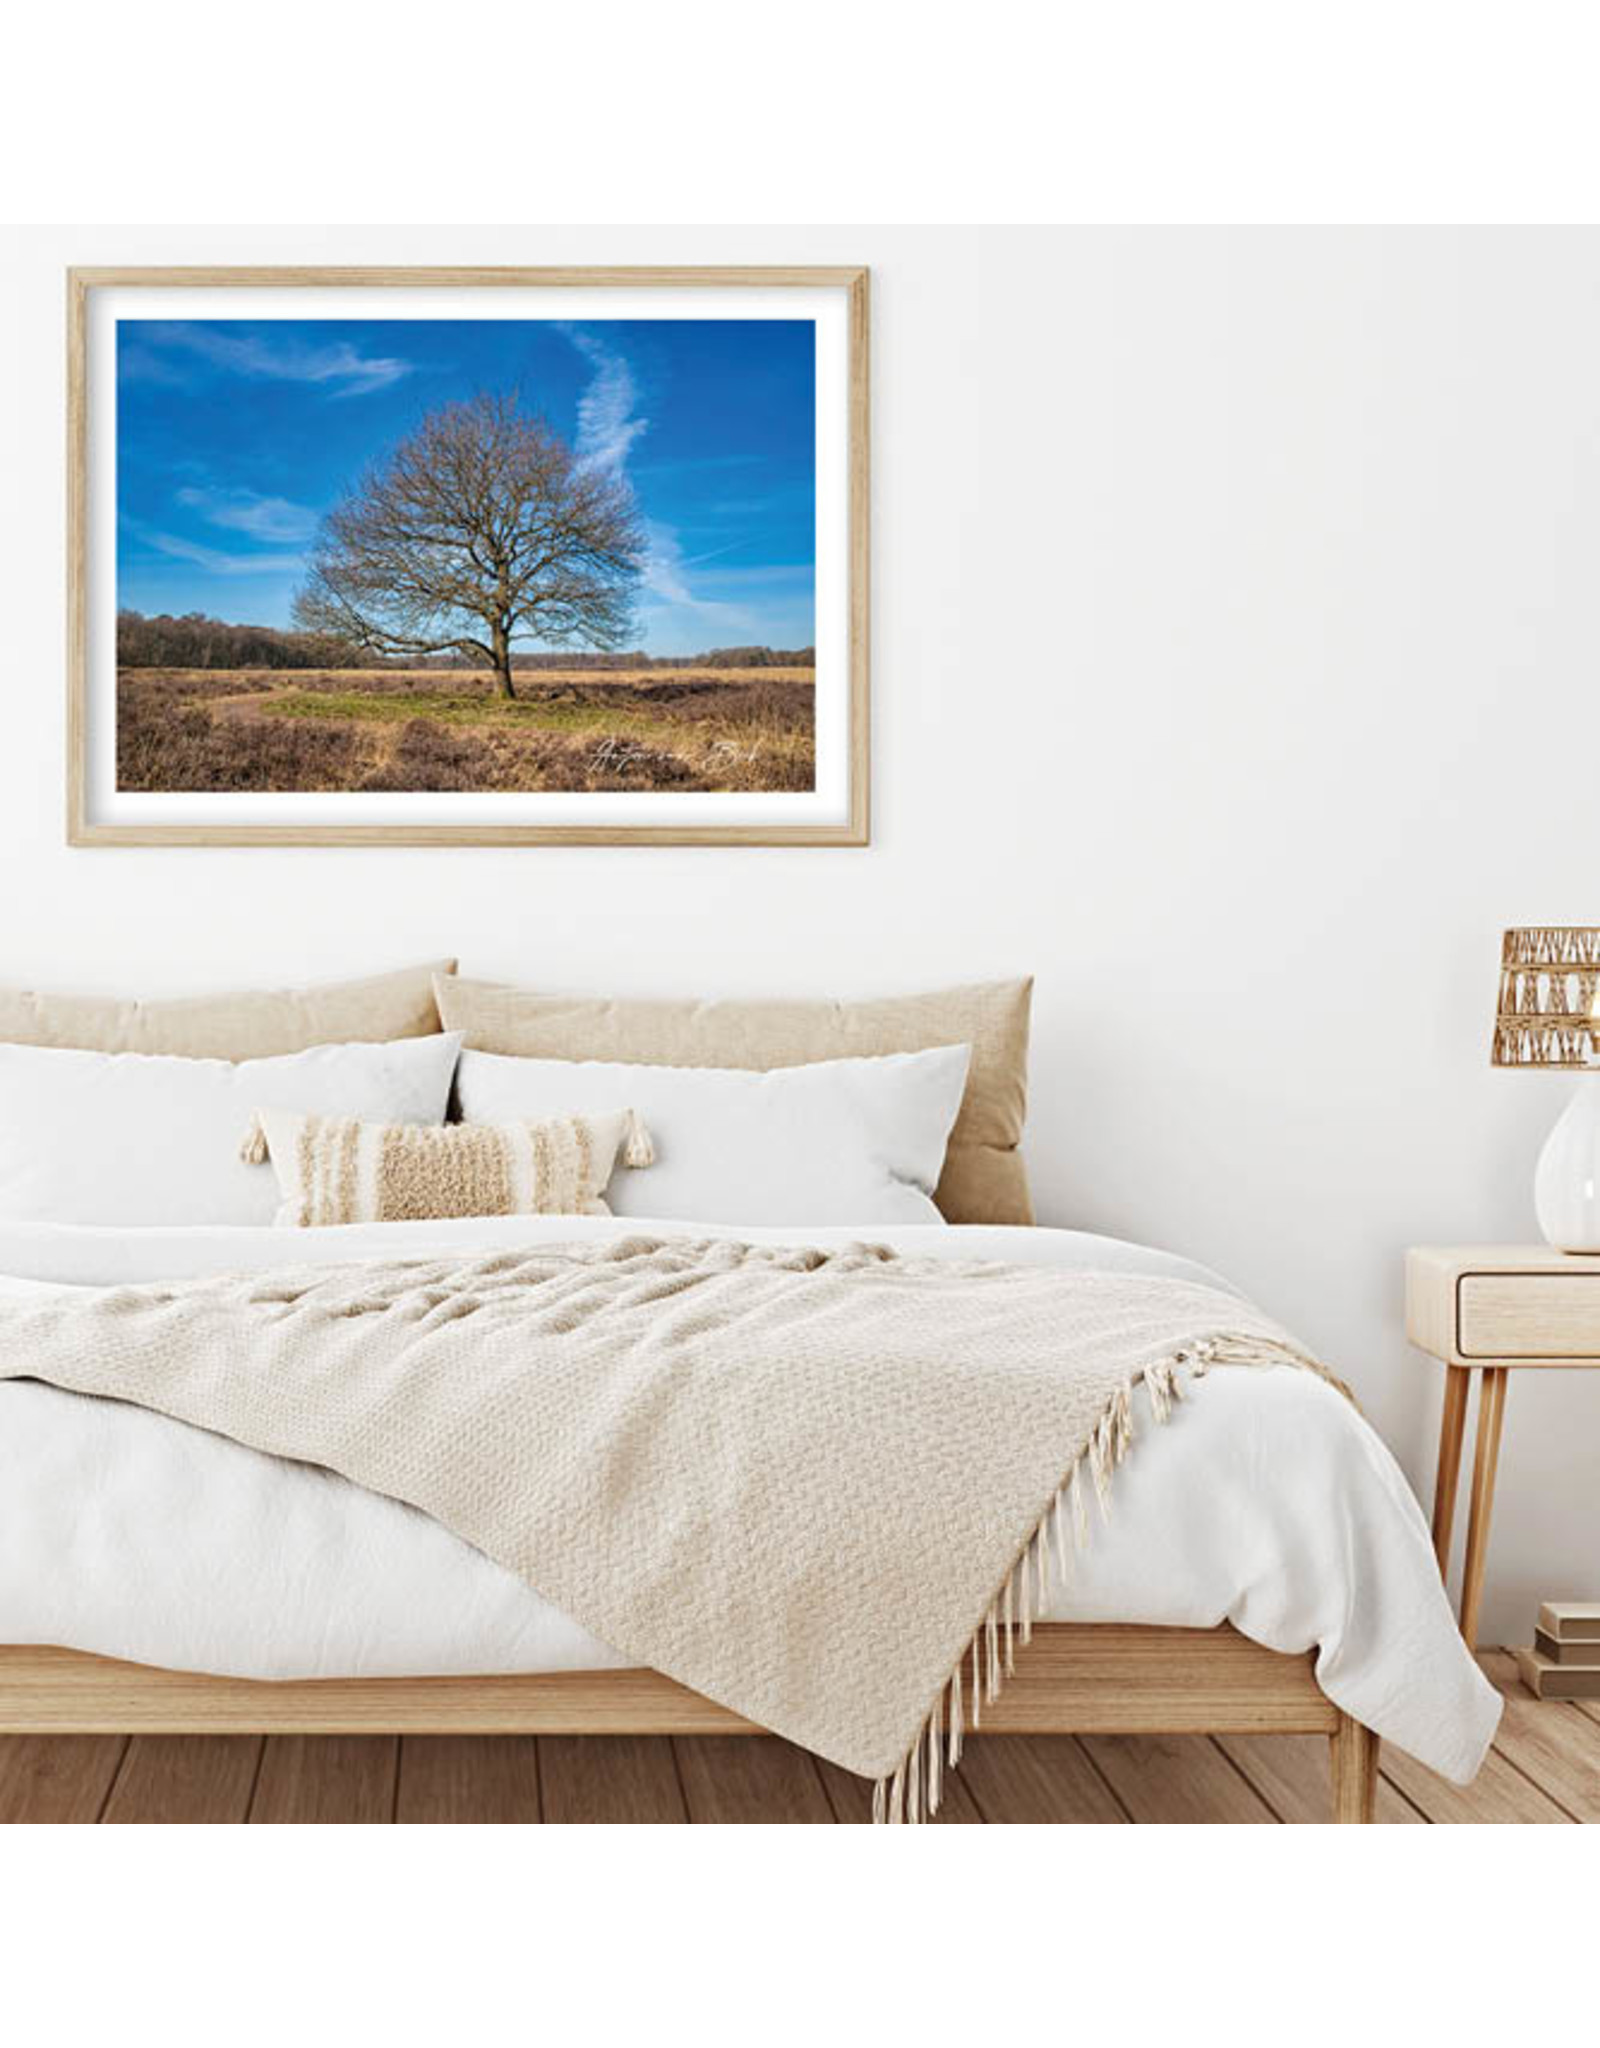 Dunnebier Home Poster Drenthe - Anton van Beek Collectie